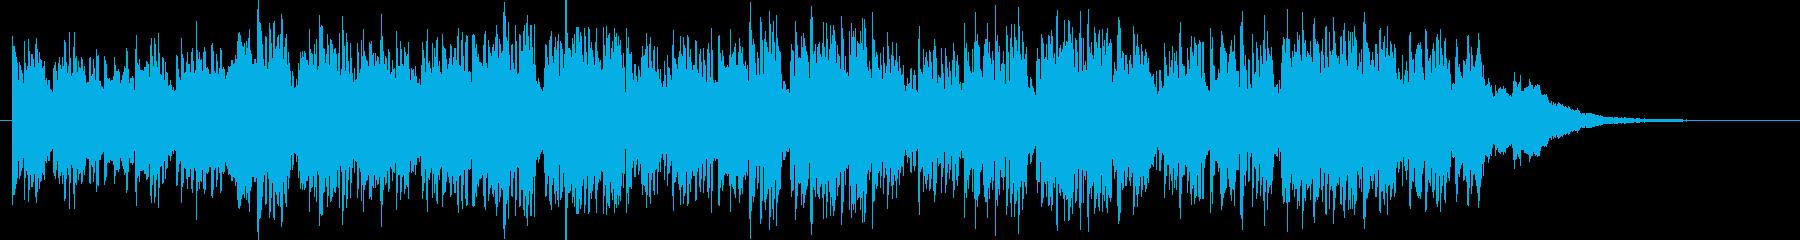 ボイスサンプルの入ったアグレッシブな曲の再生済みの波形